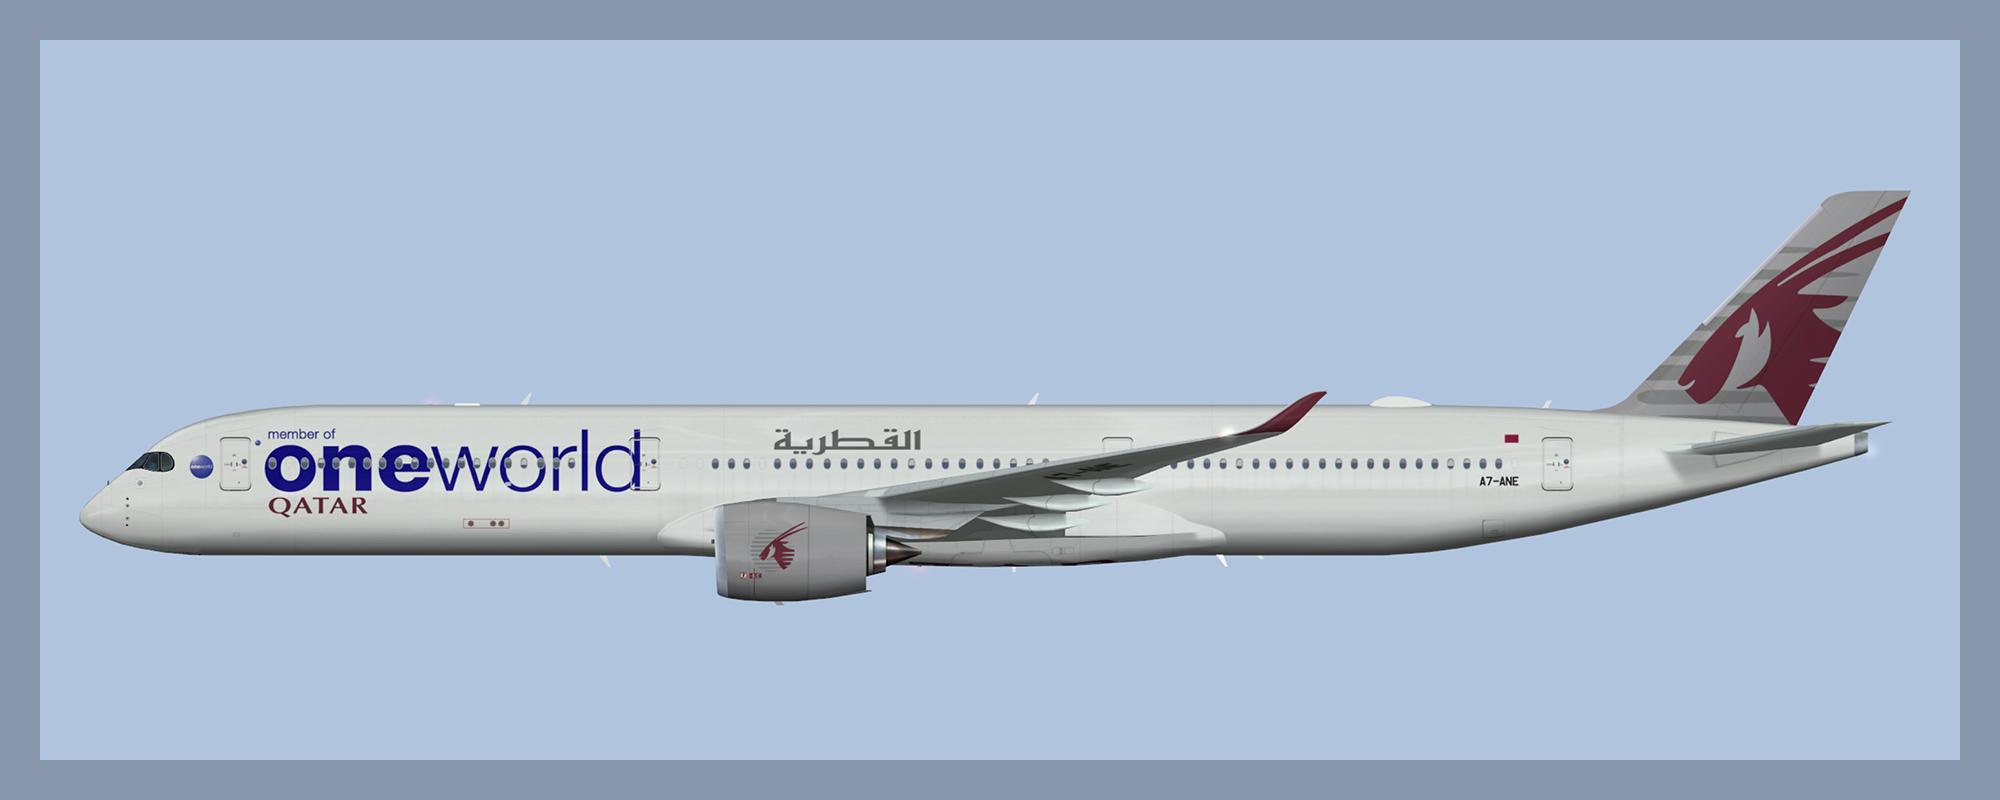 FSPXAI_A35K_QTR_A7ANE